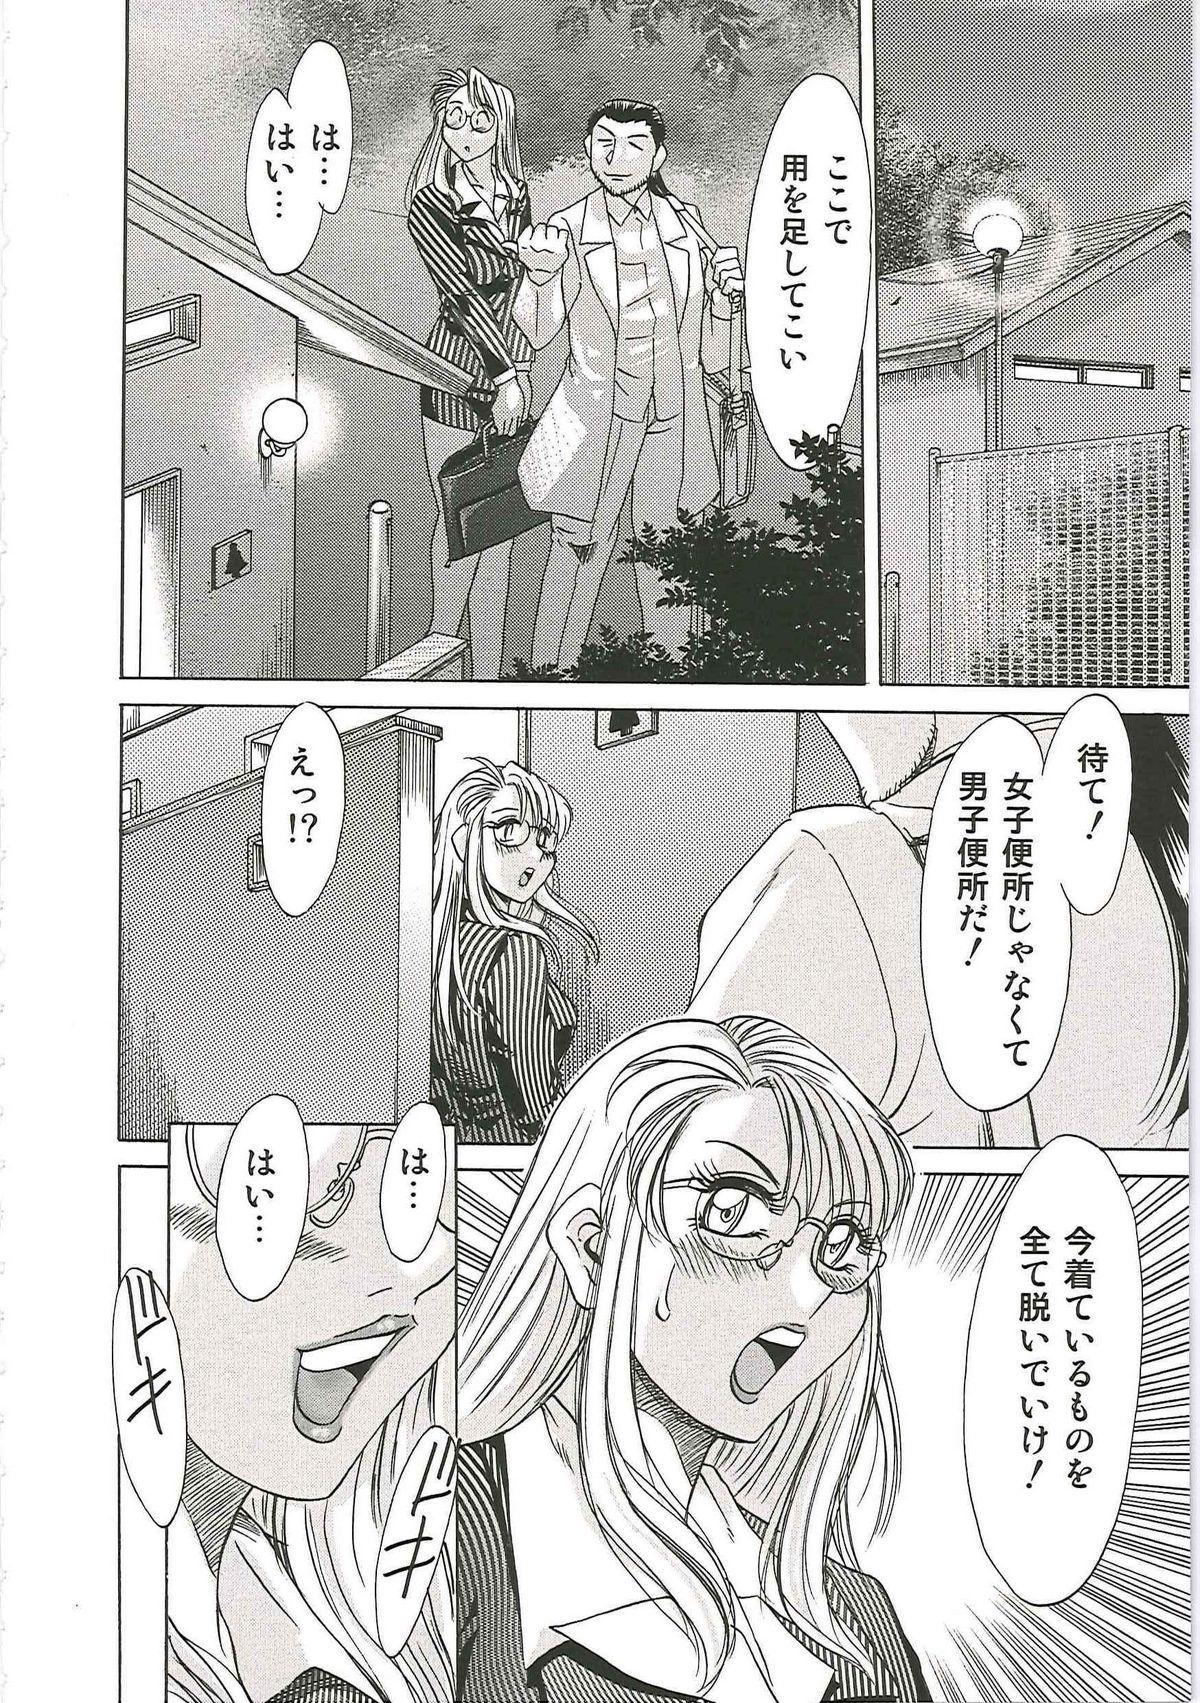 [Chanpon Miyabi] Cho-Onesan Tengoku 6 -Tenrakuhen- 127